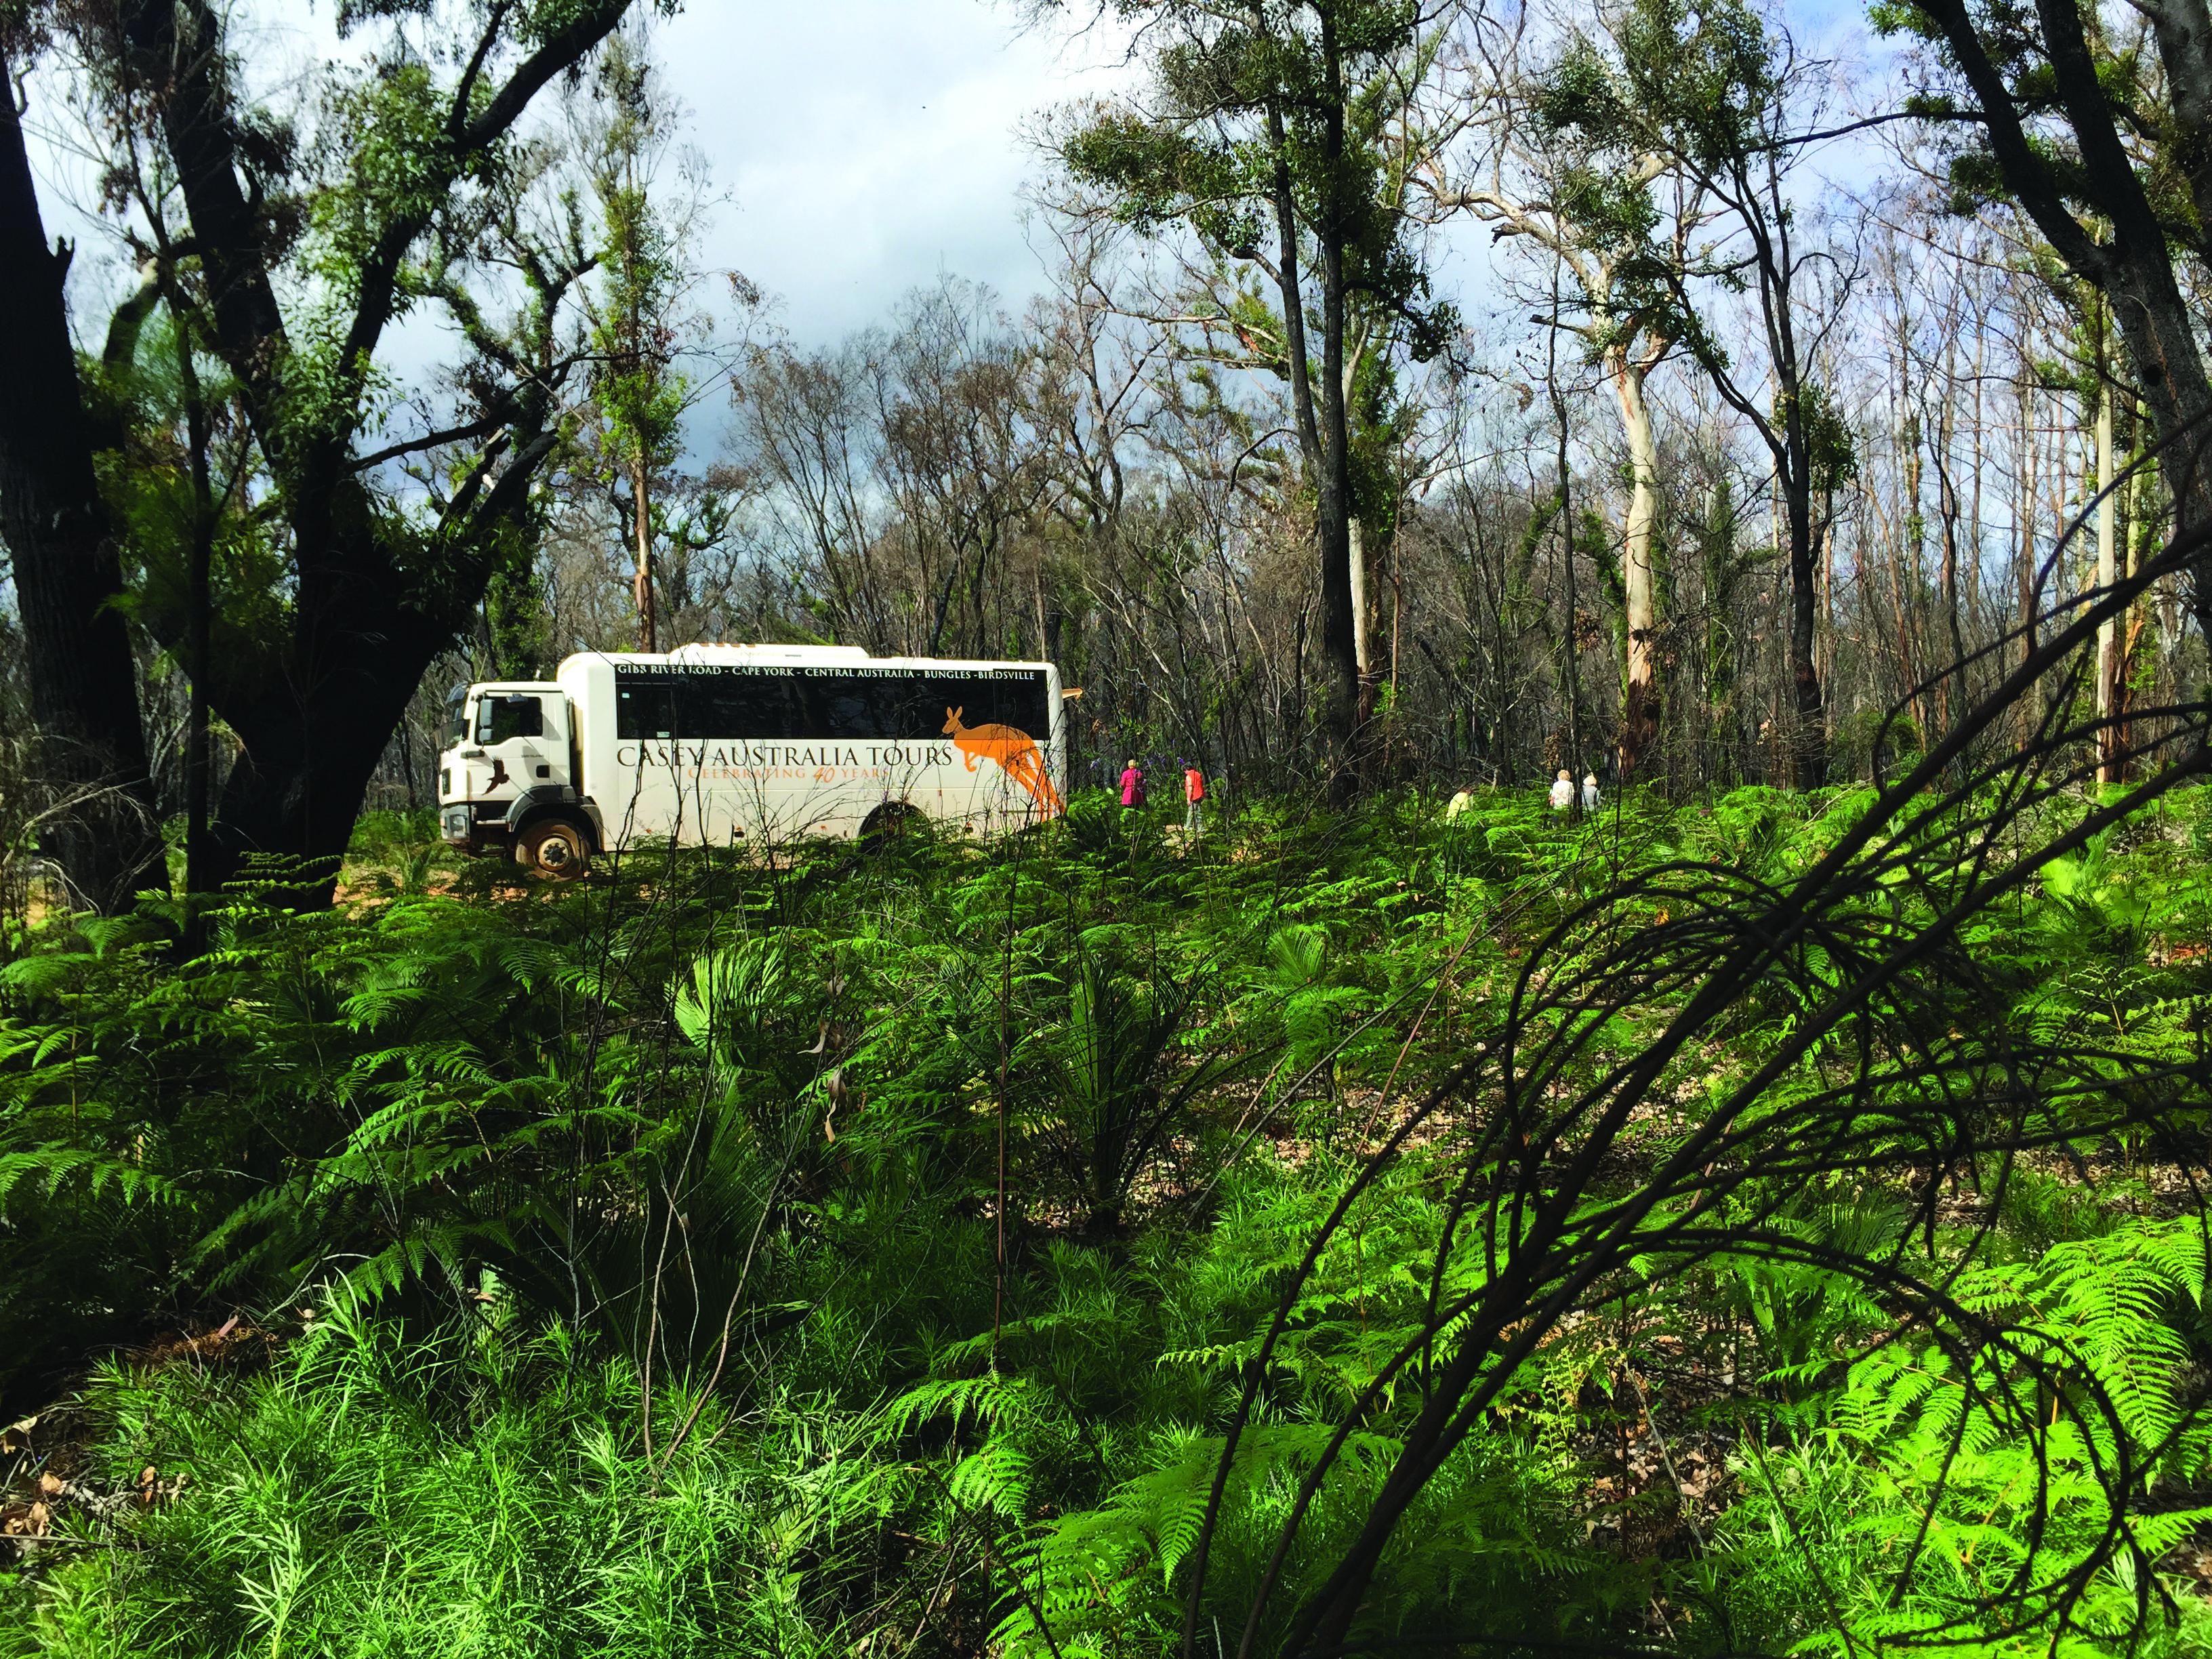 Casey Australia Tours Bus